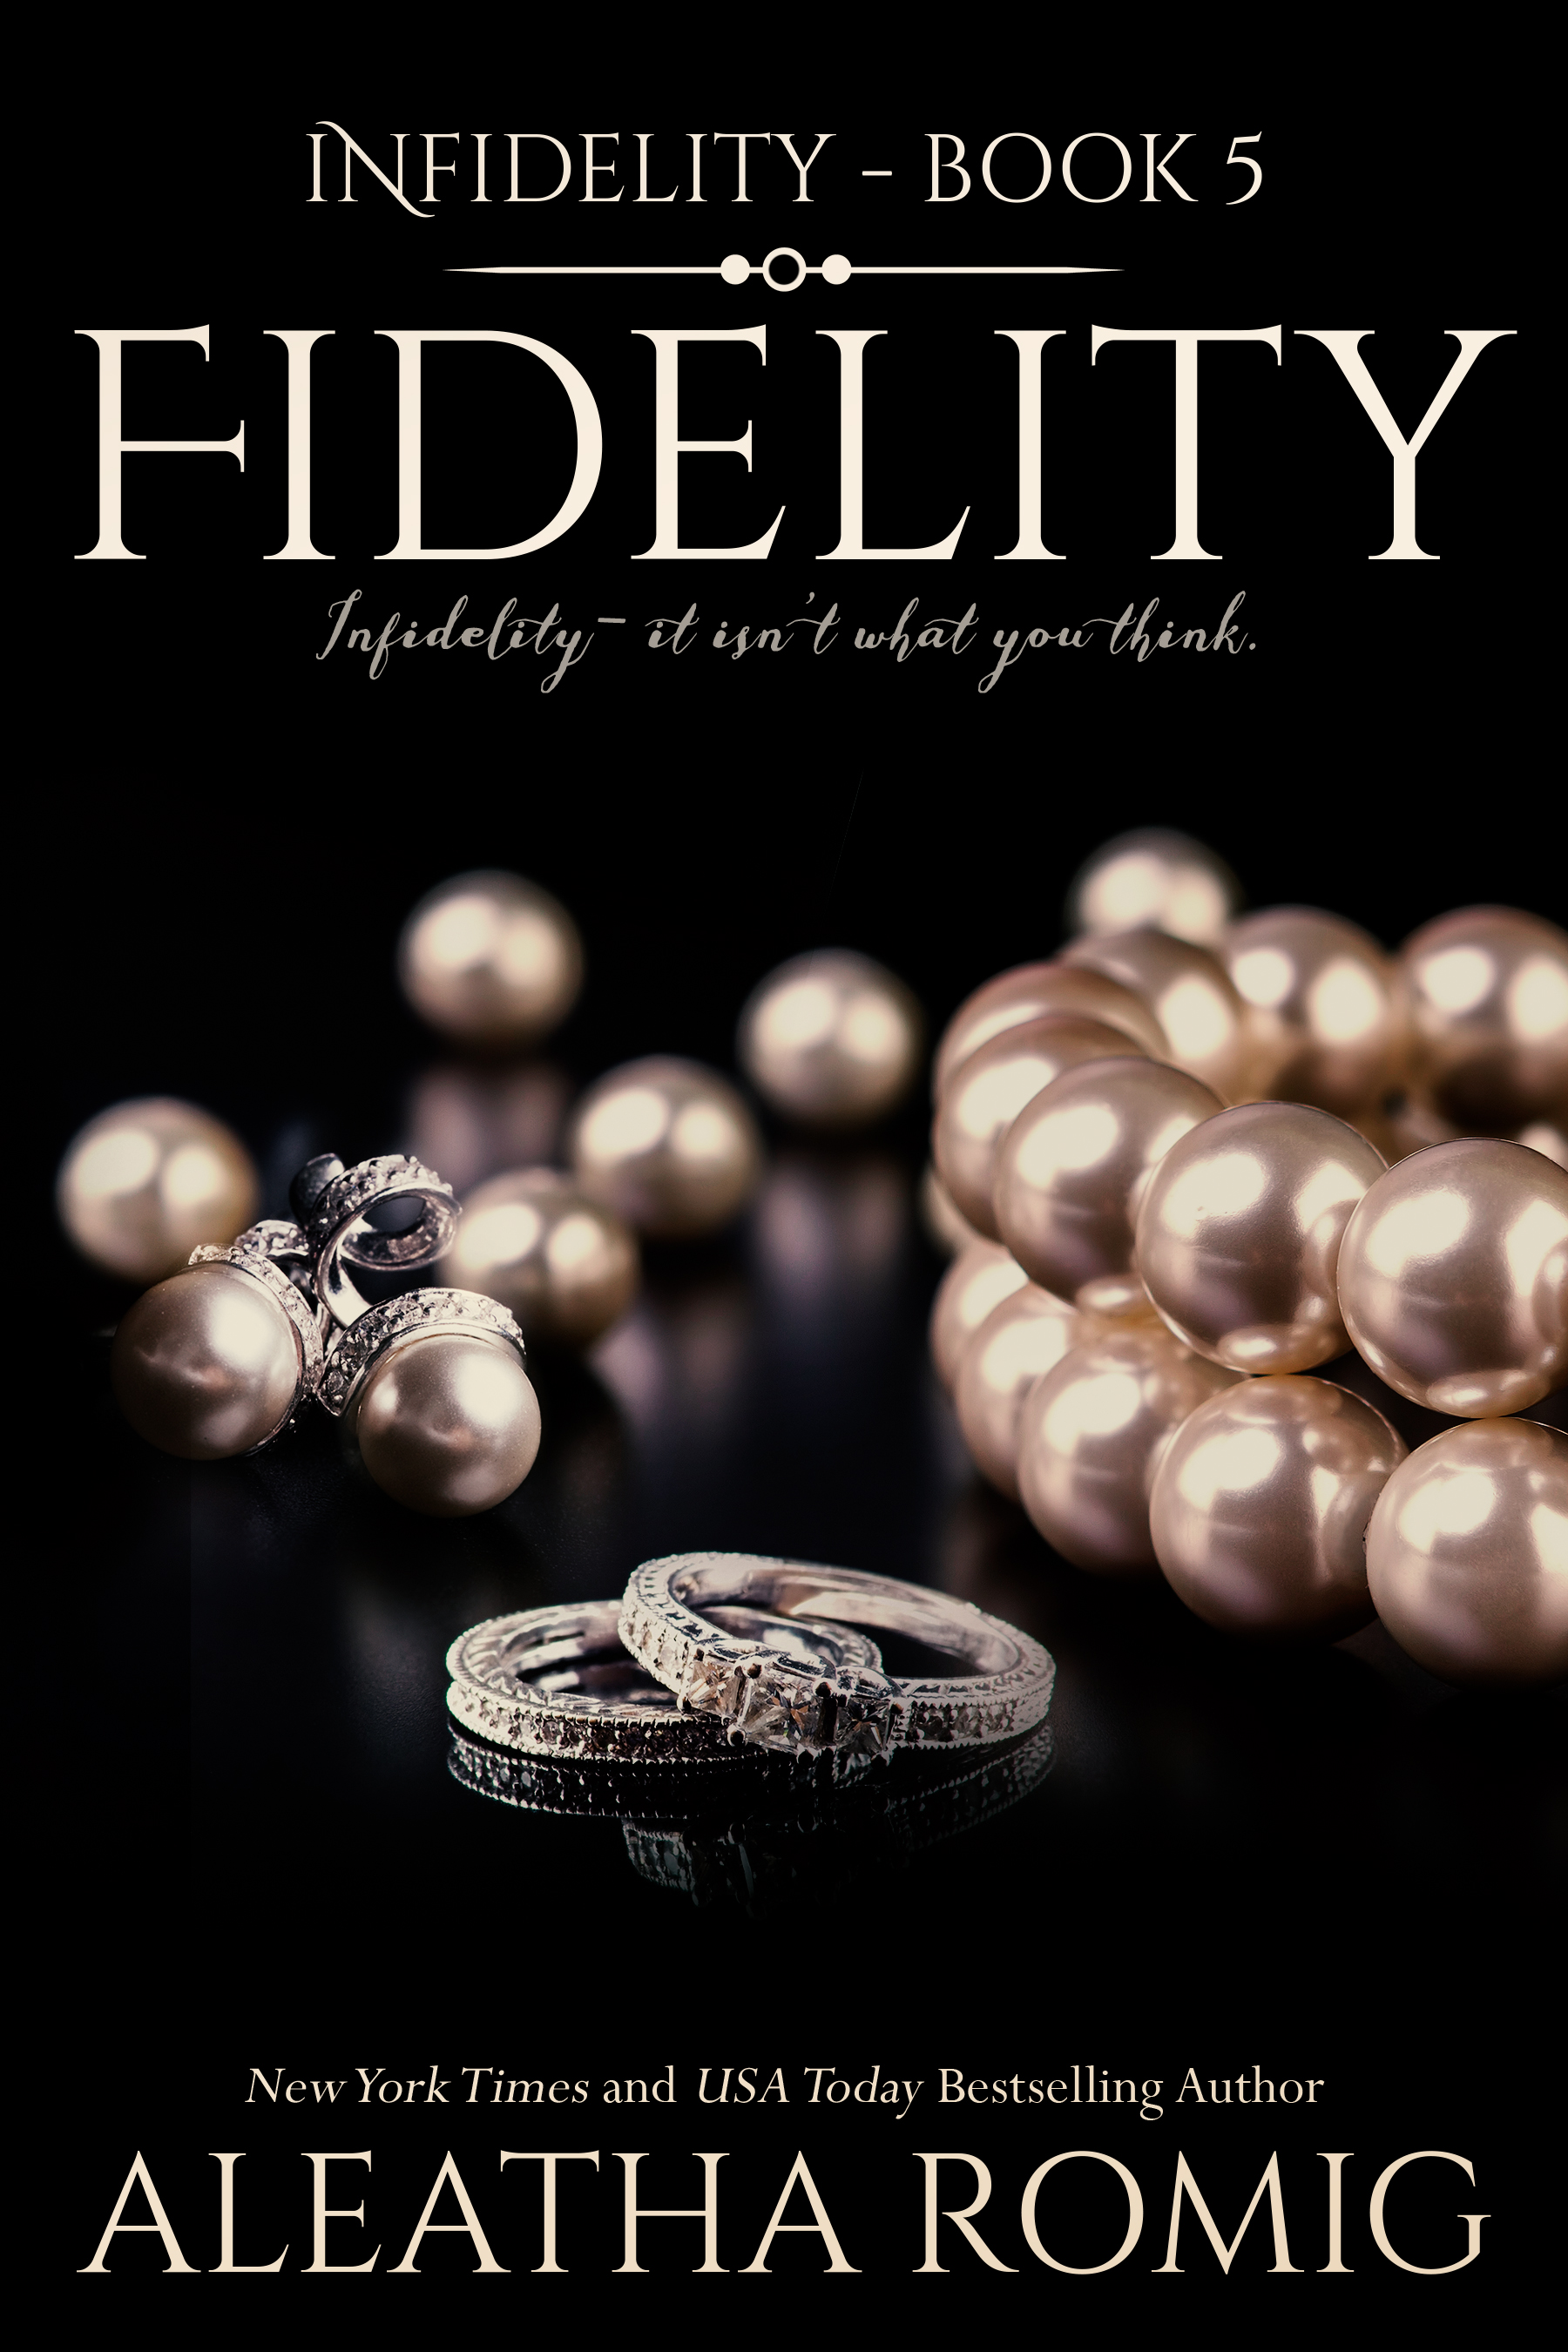 BK5.1 Fidelity E-Book Cover.jpg